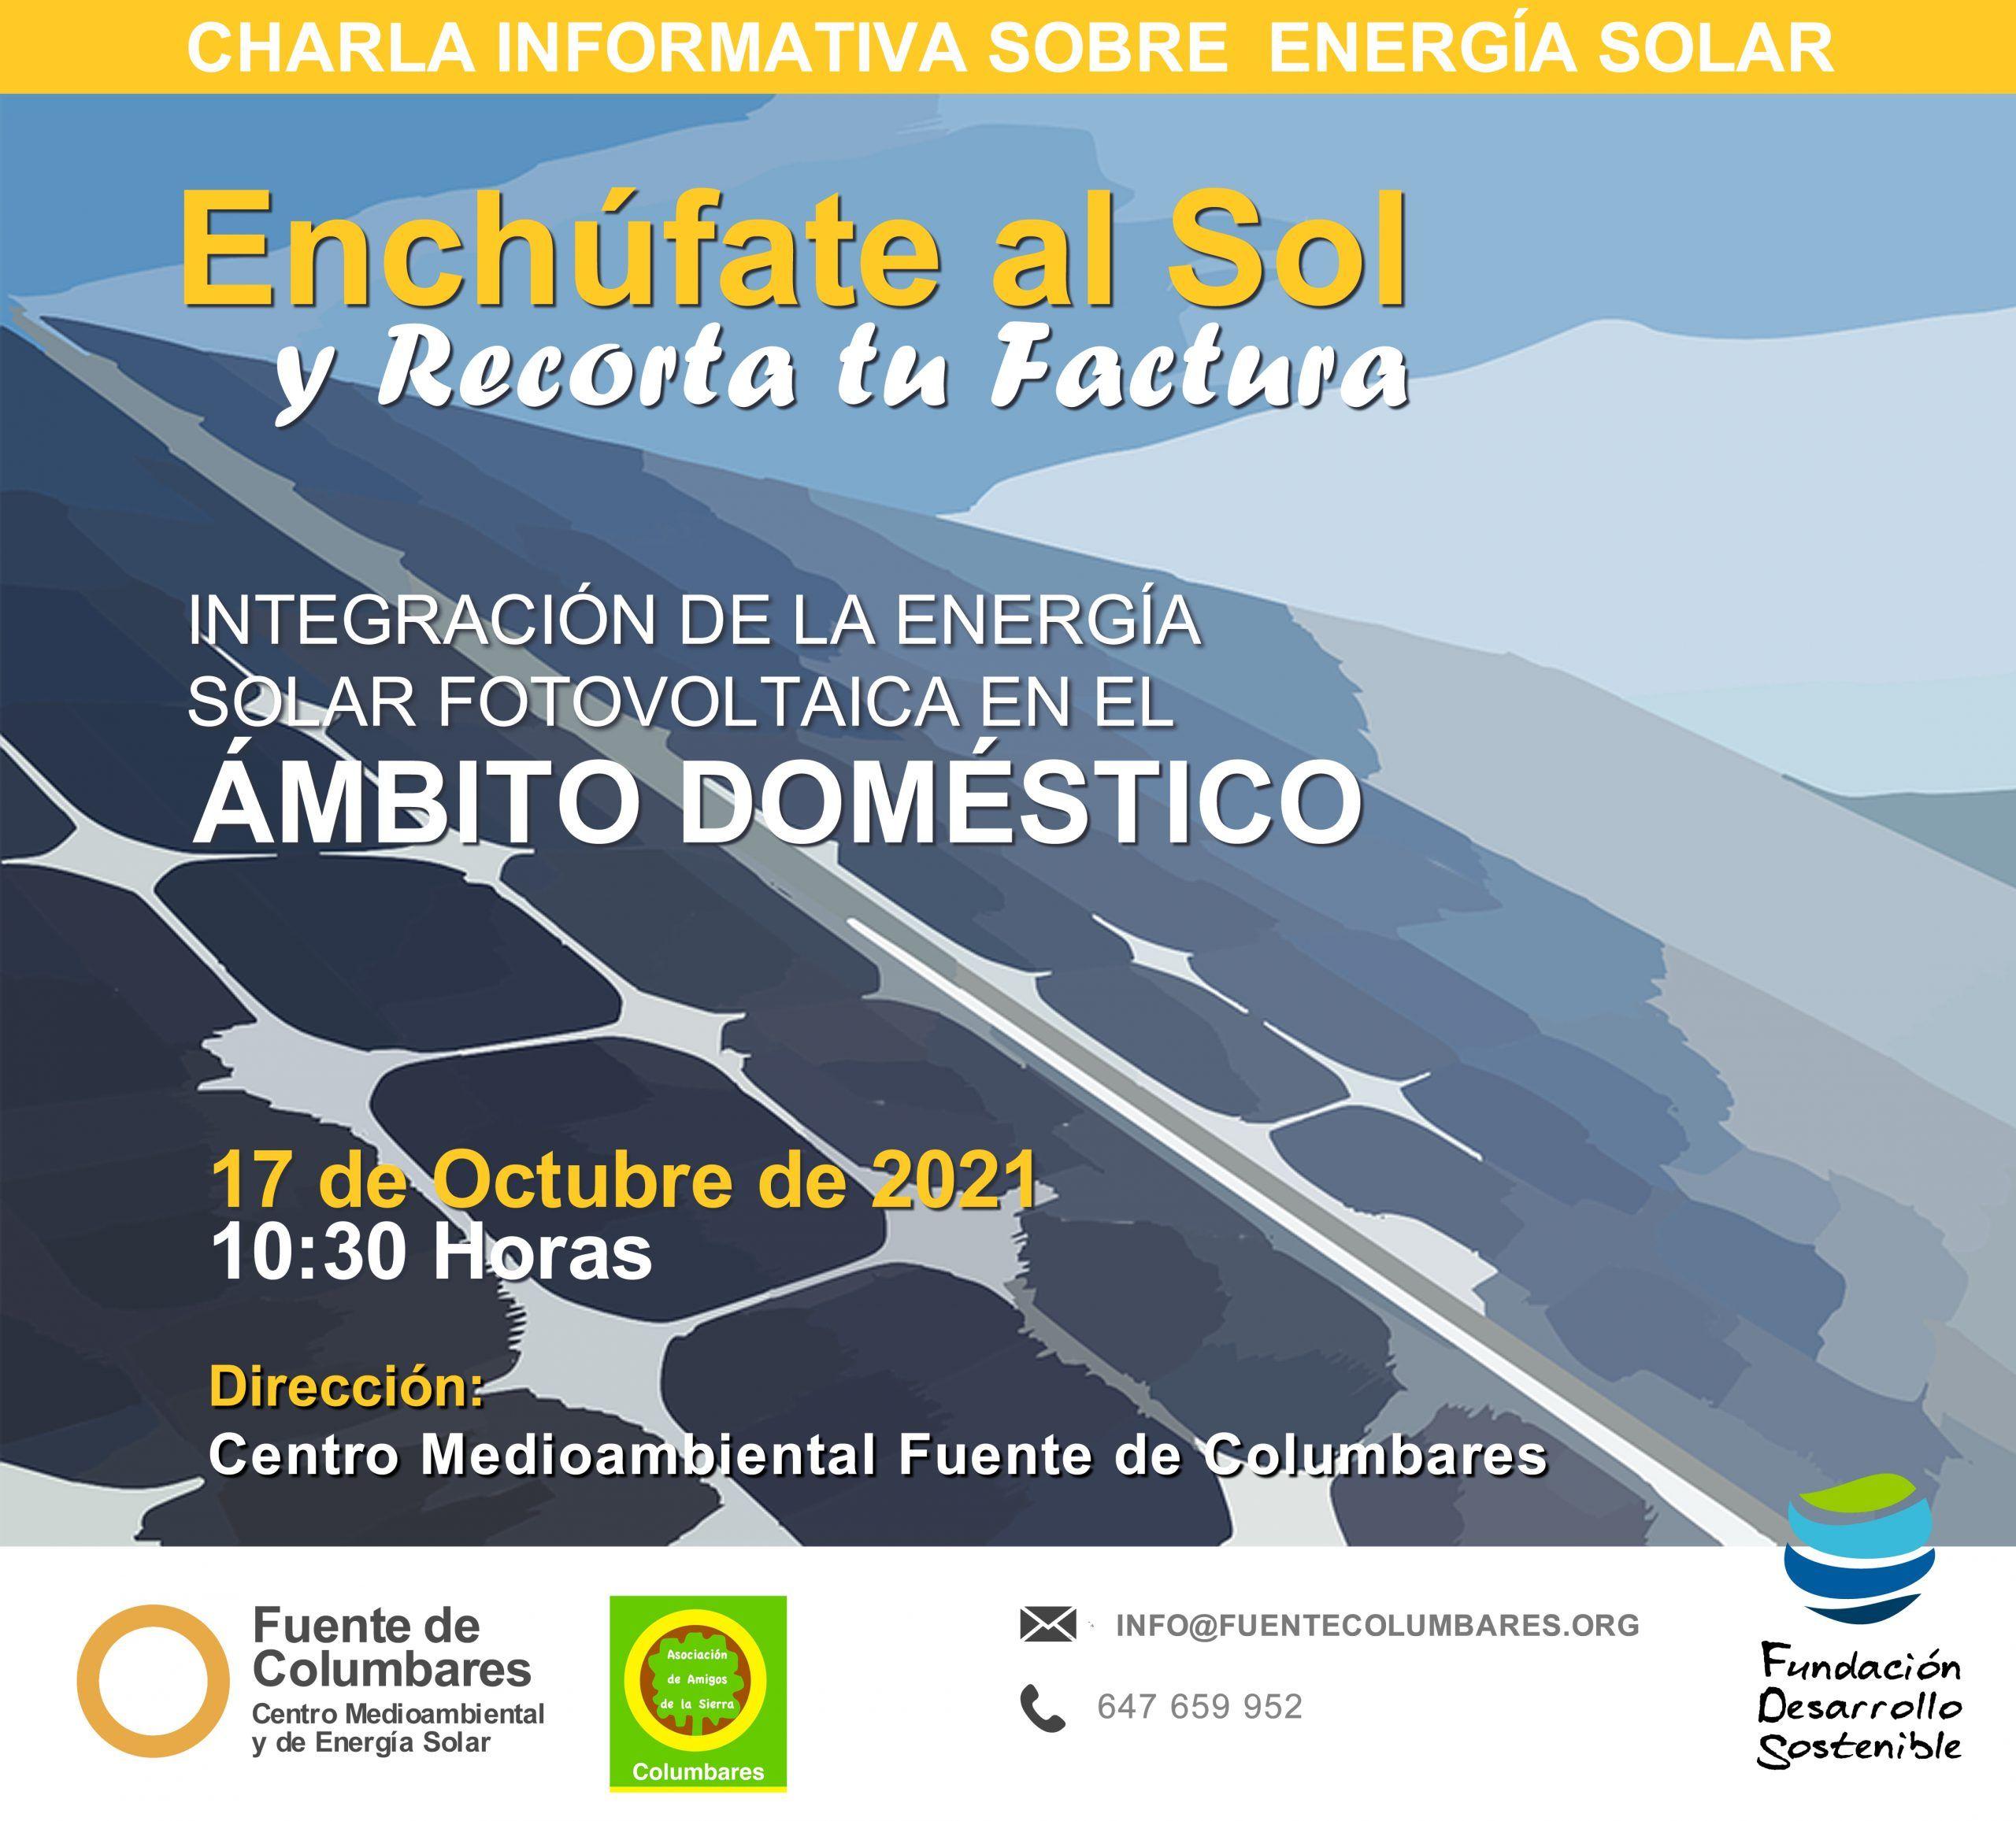 Cartel Energia Solar Fuente Columbares scaled - Home